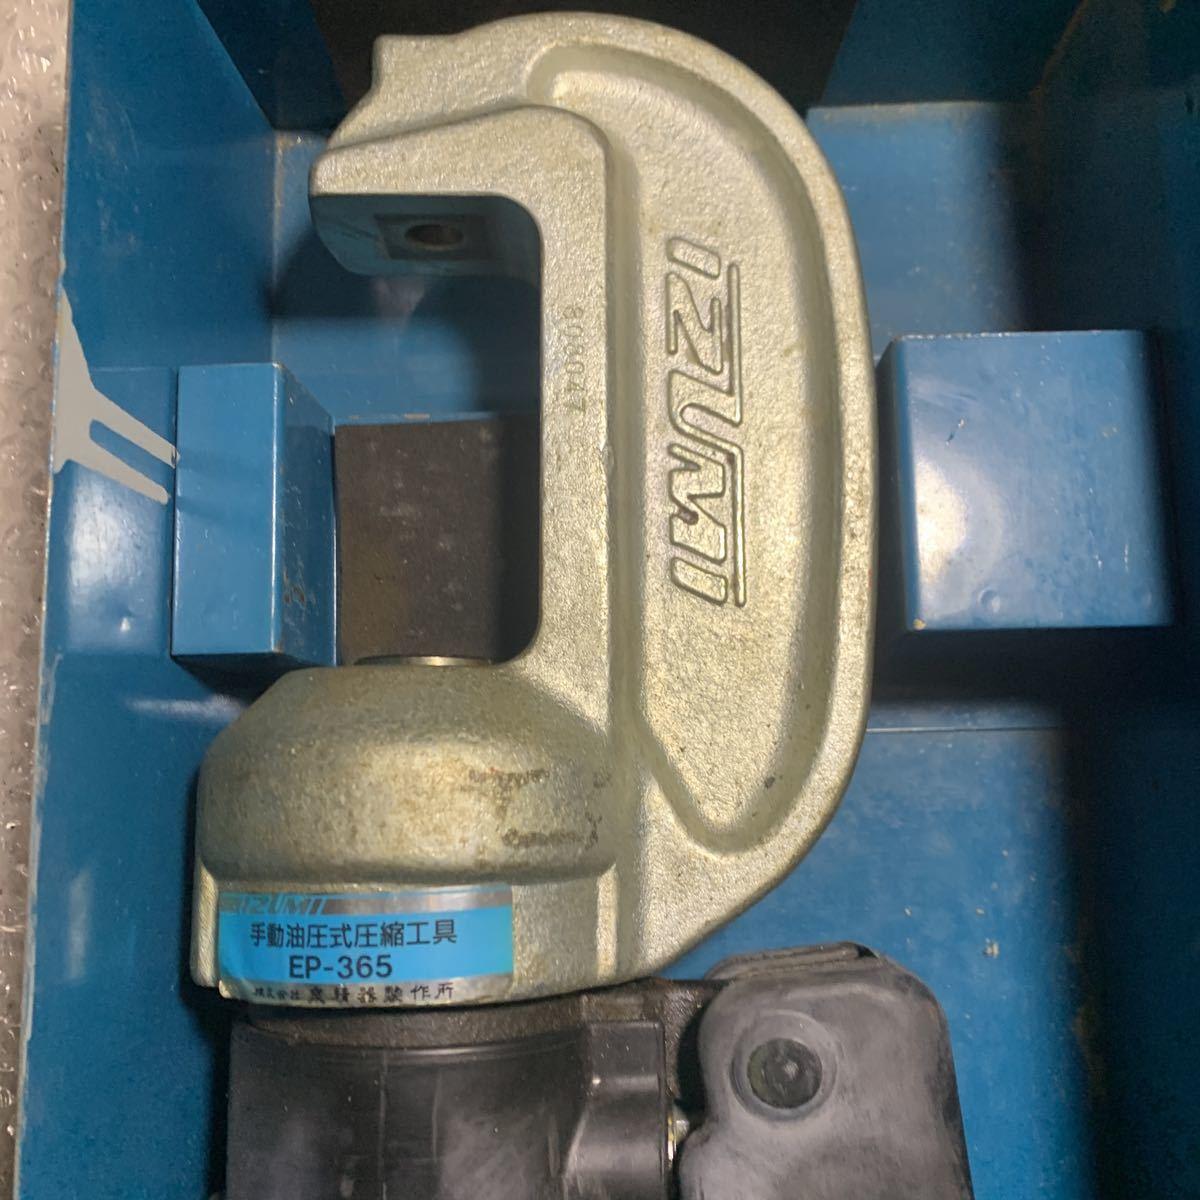 即決 中古品 IZUMI 泉精器 手動油圧式圧着工具 EP-365 動作確認済み T型ダイス4個付属_画像3